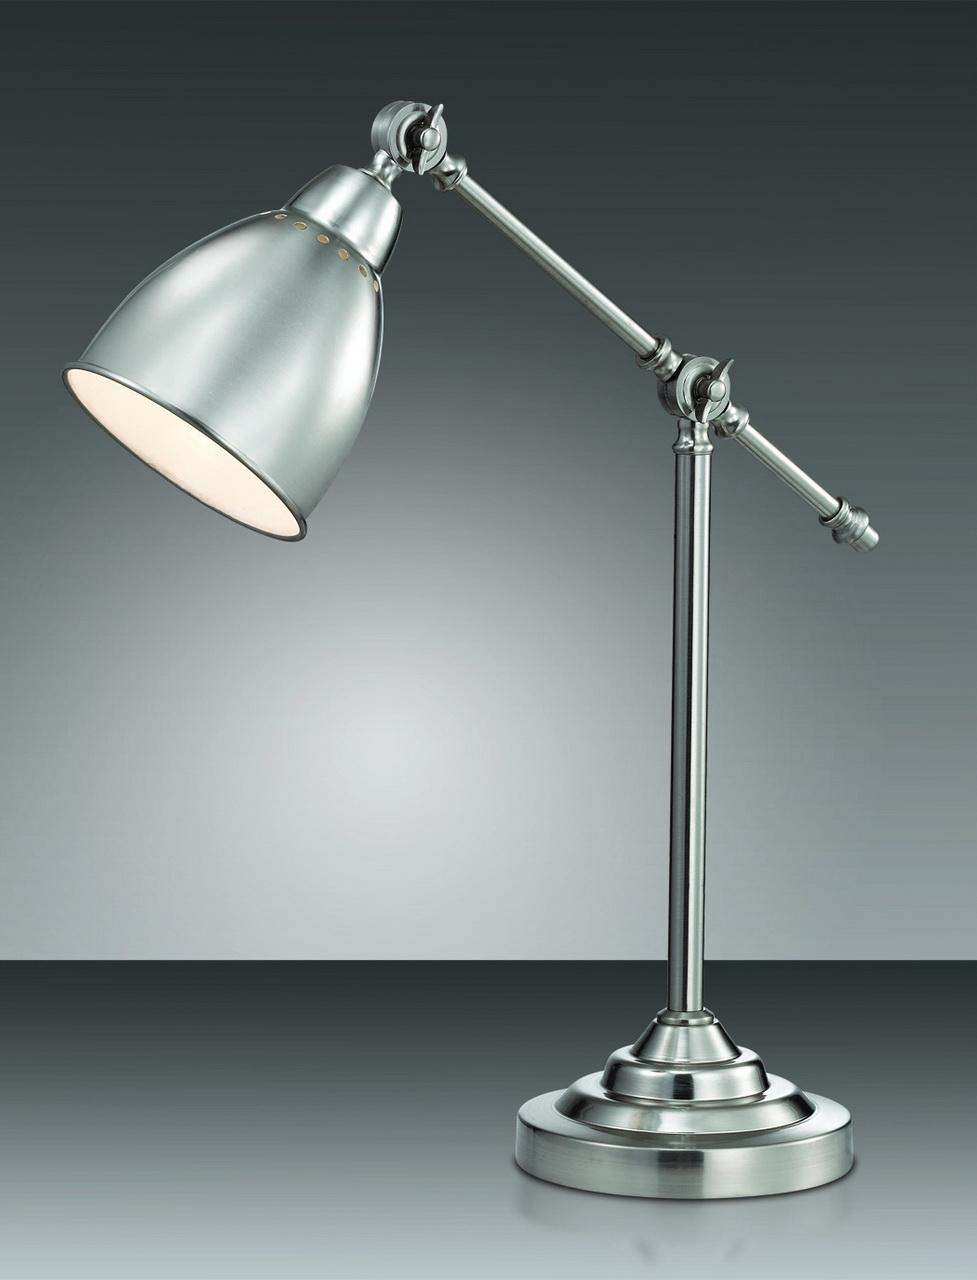 Настольный светильник Odeon Light, E27, 60 Вт